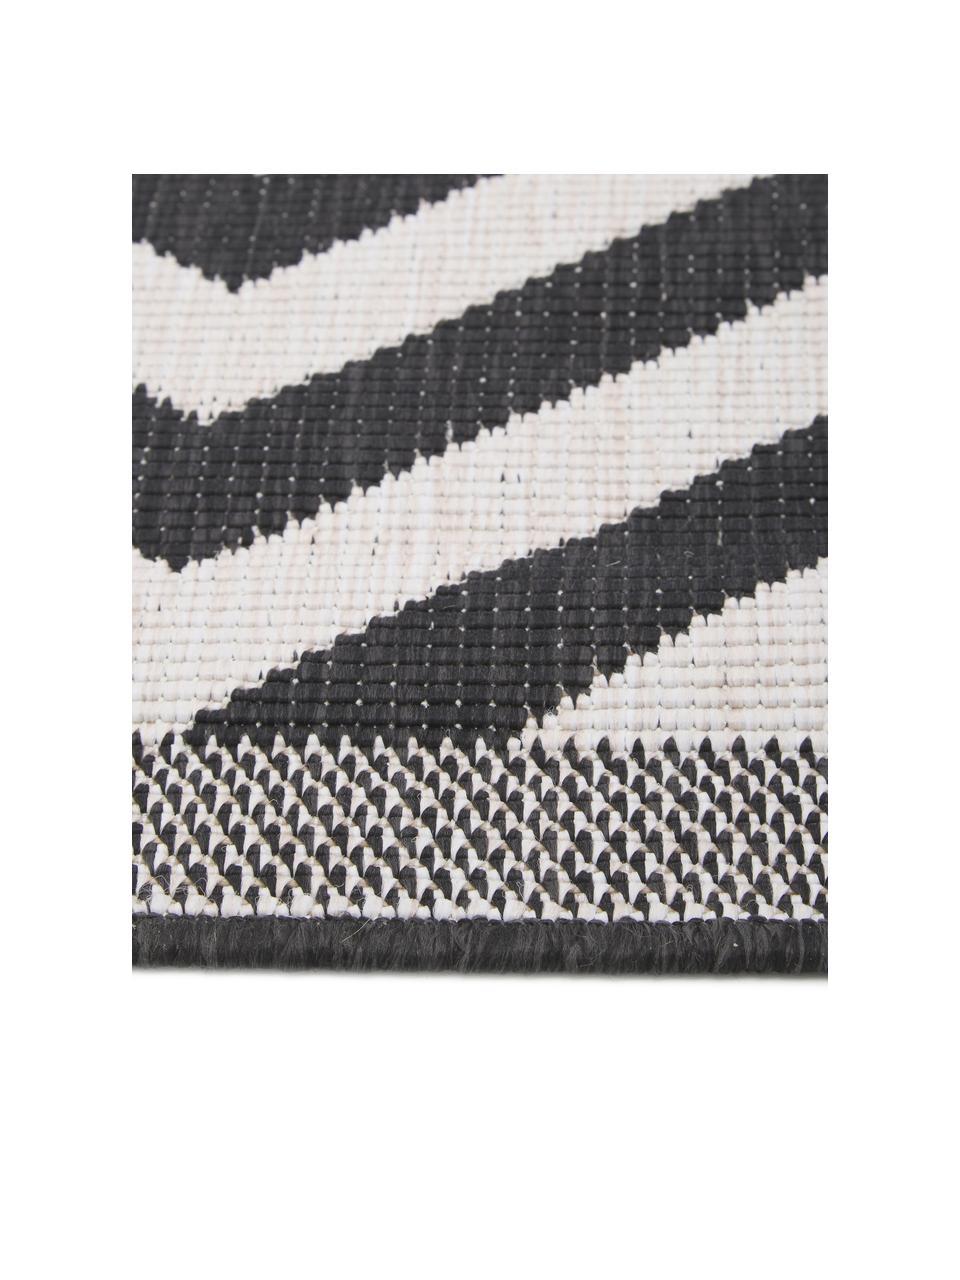 Dubbelzijdig in- & outdoor vloerkleed Palma, met zigzag patroon, 100% polypropyleen, Zwart, crèmekleurig, B 80 x L 150 cm (maat XS)